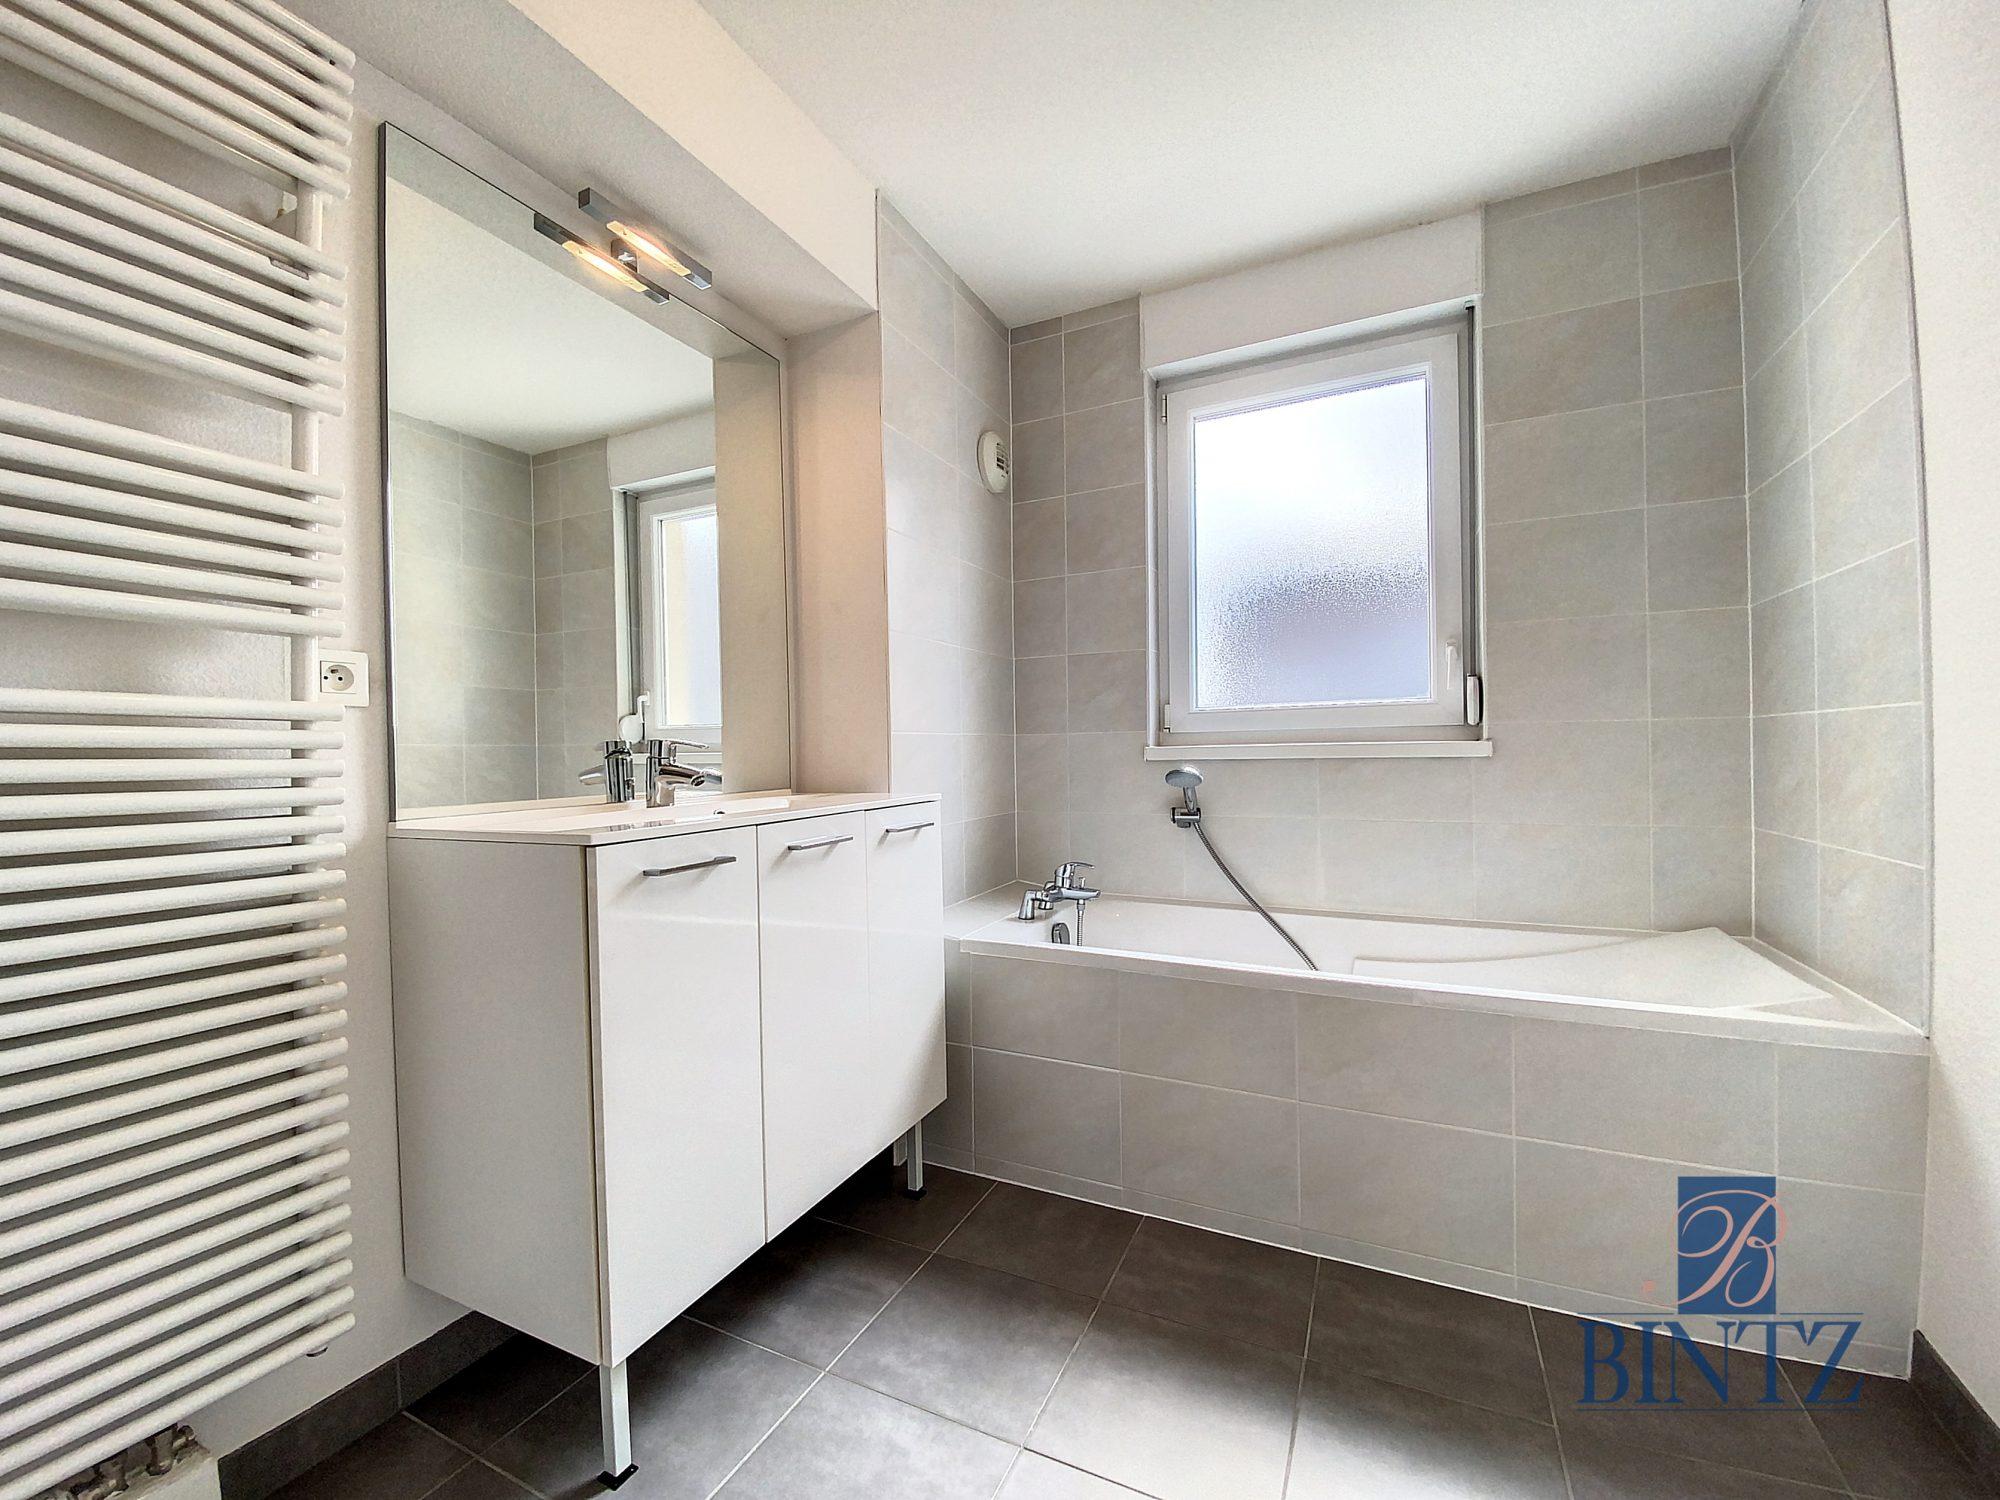 3 PIECES NEUF AVEC TERRASSE À SCHILTIGHEIM - Devenez propriétaire en toute confiance - Bintz Immobilier - 10